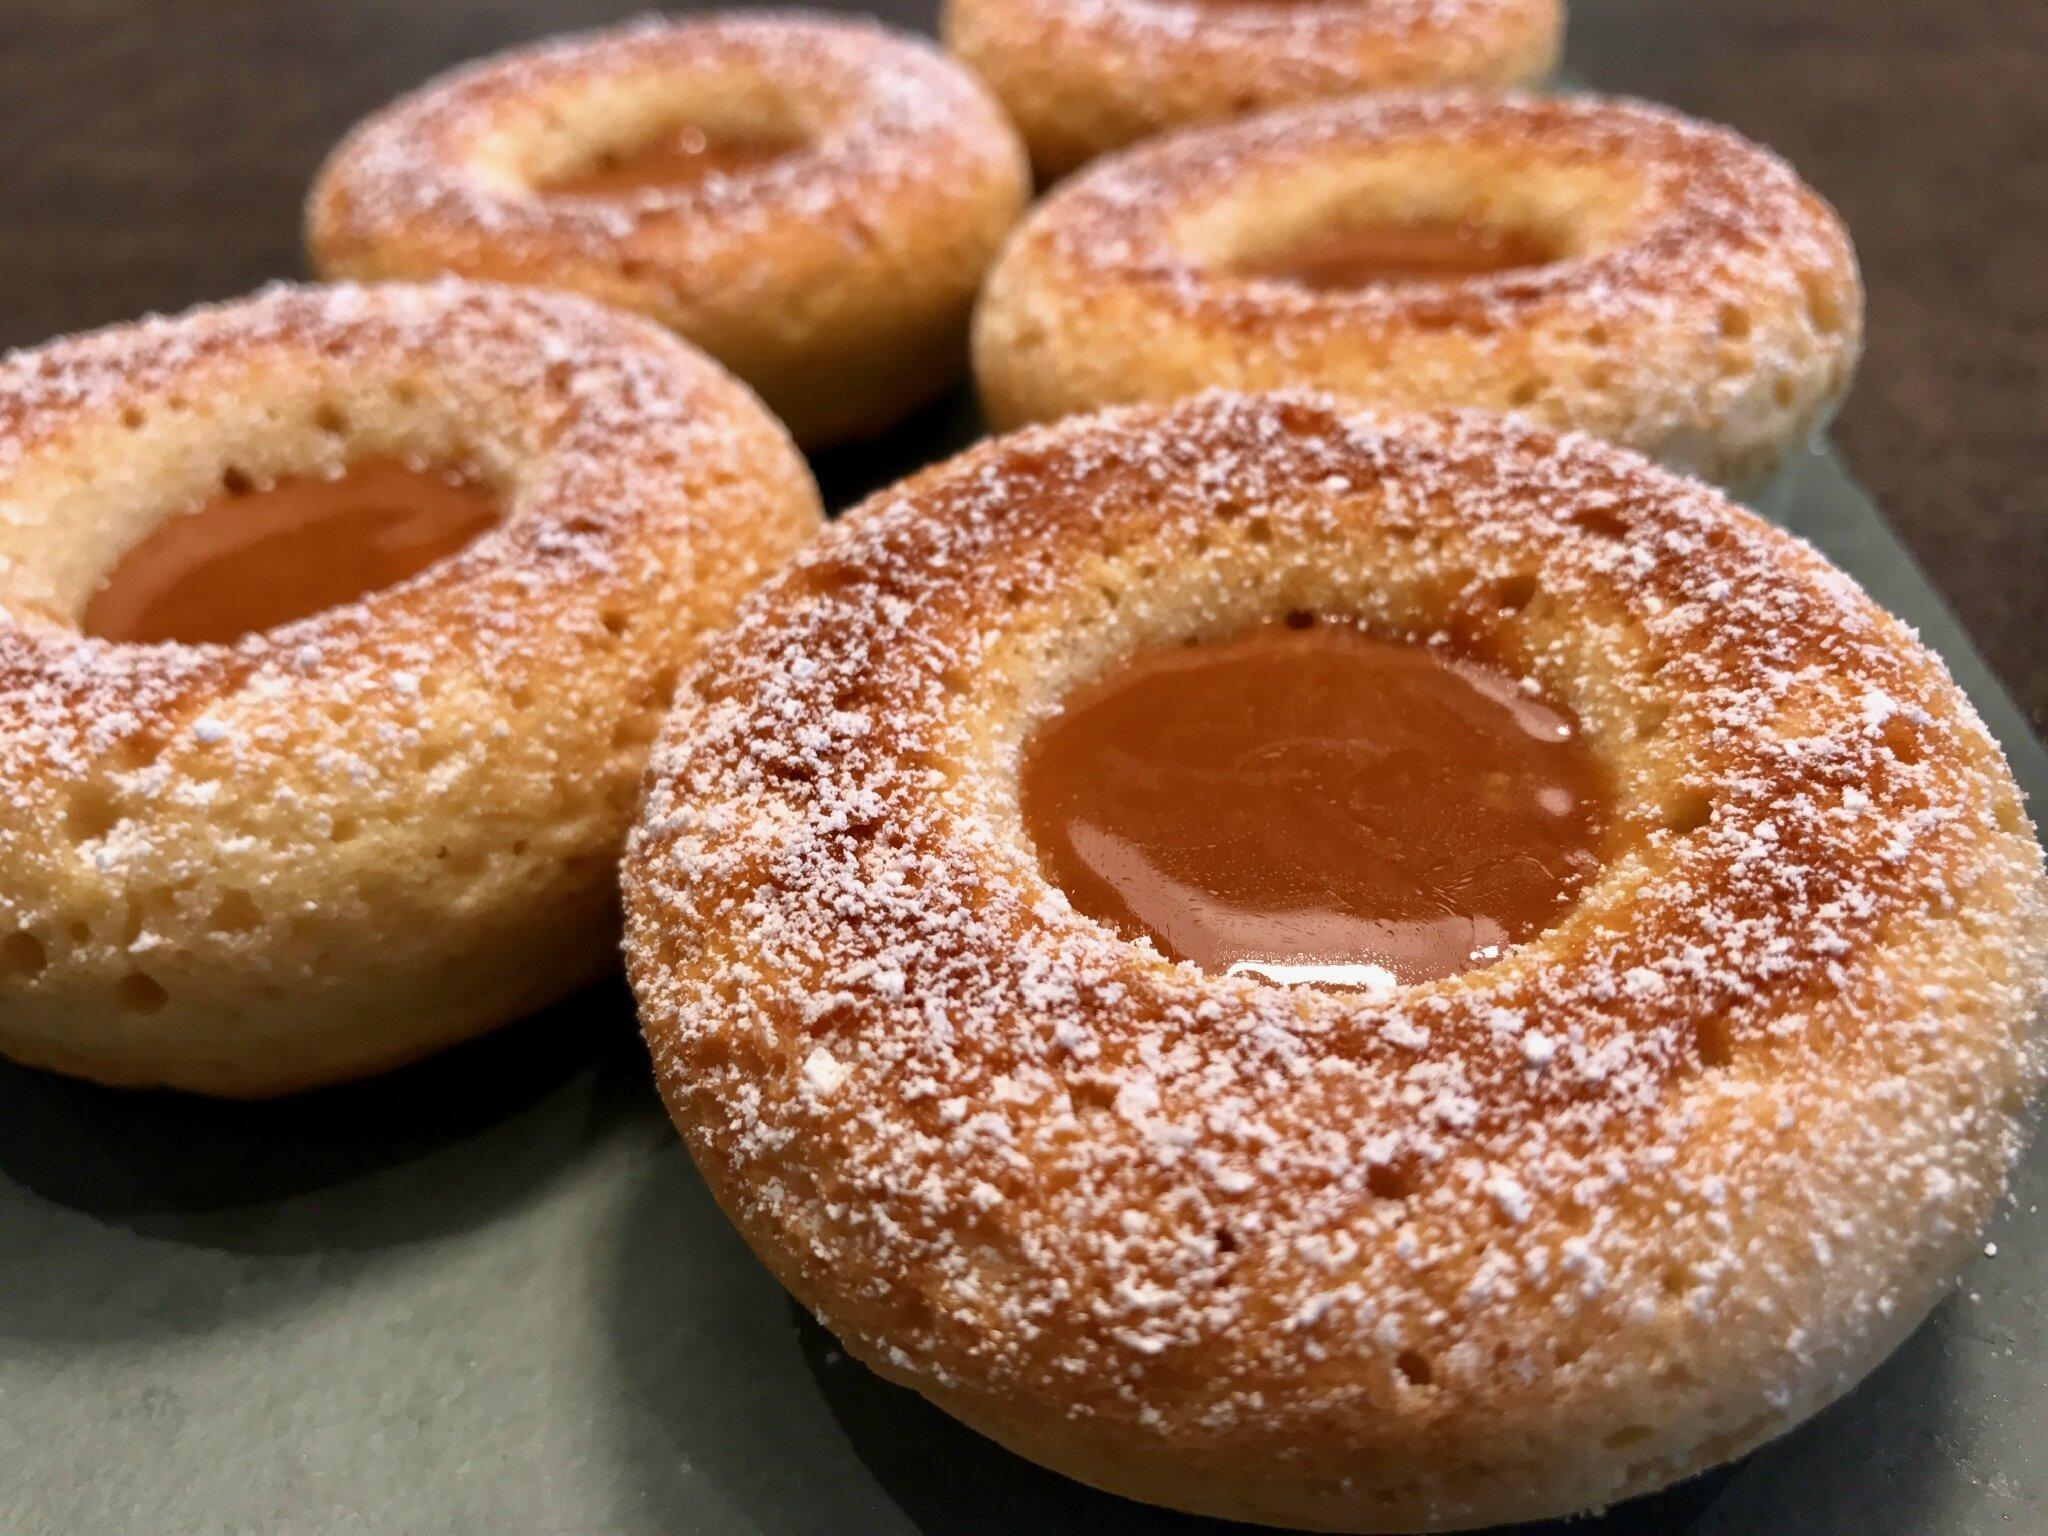 Les faux Donuts au caramel beurre salé